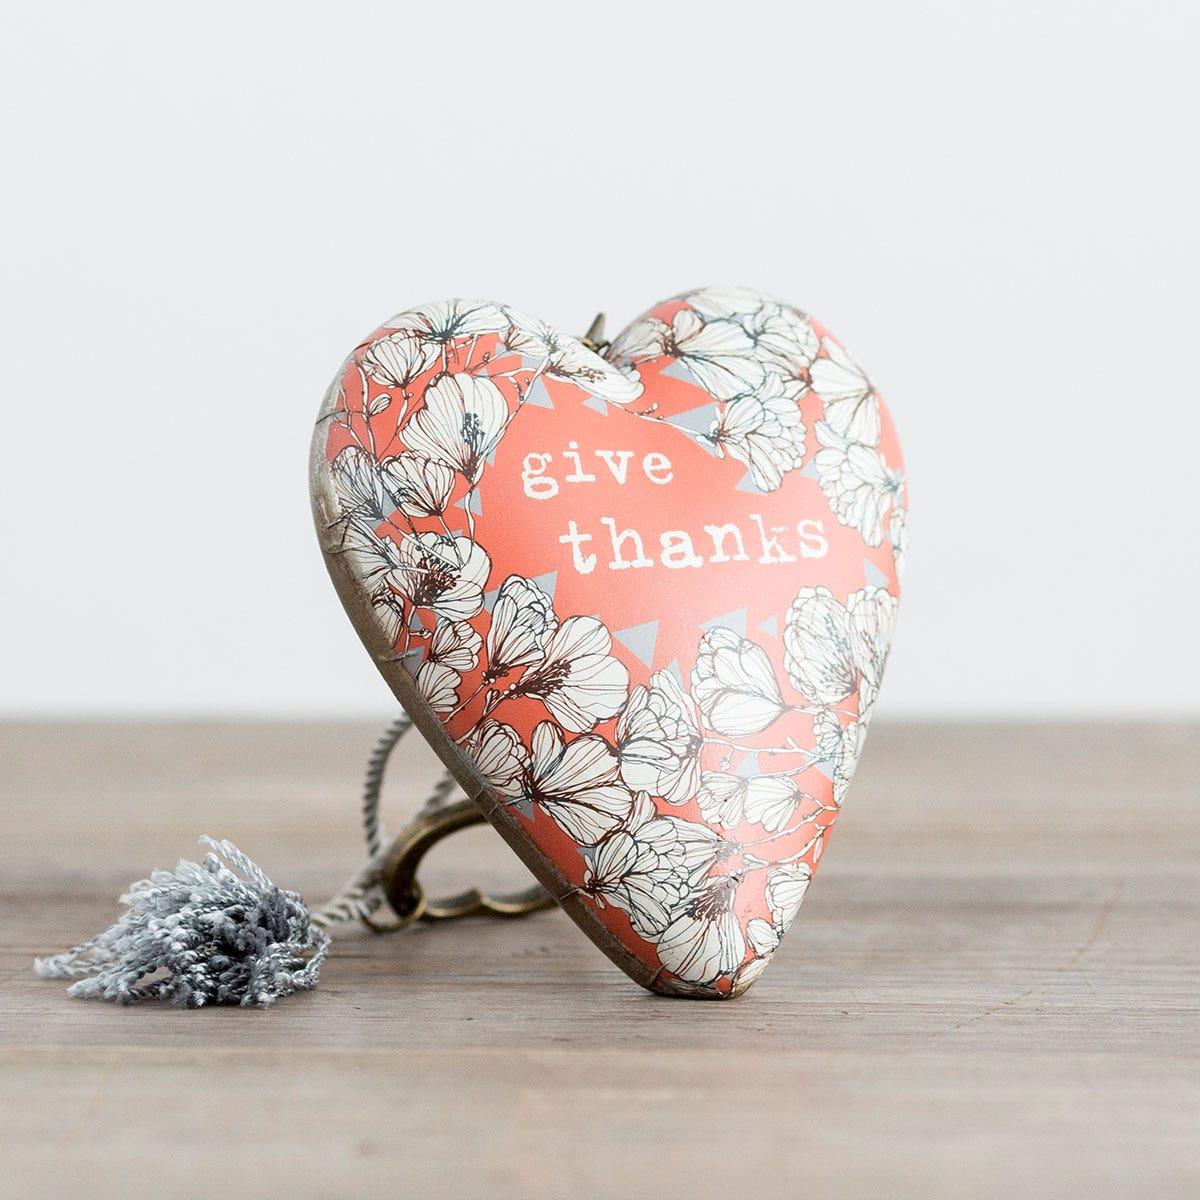 Give Thanks - Art Heart Sculpture